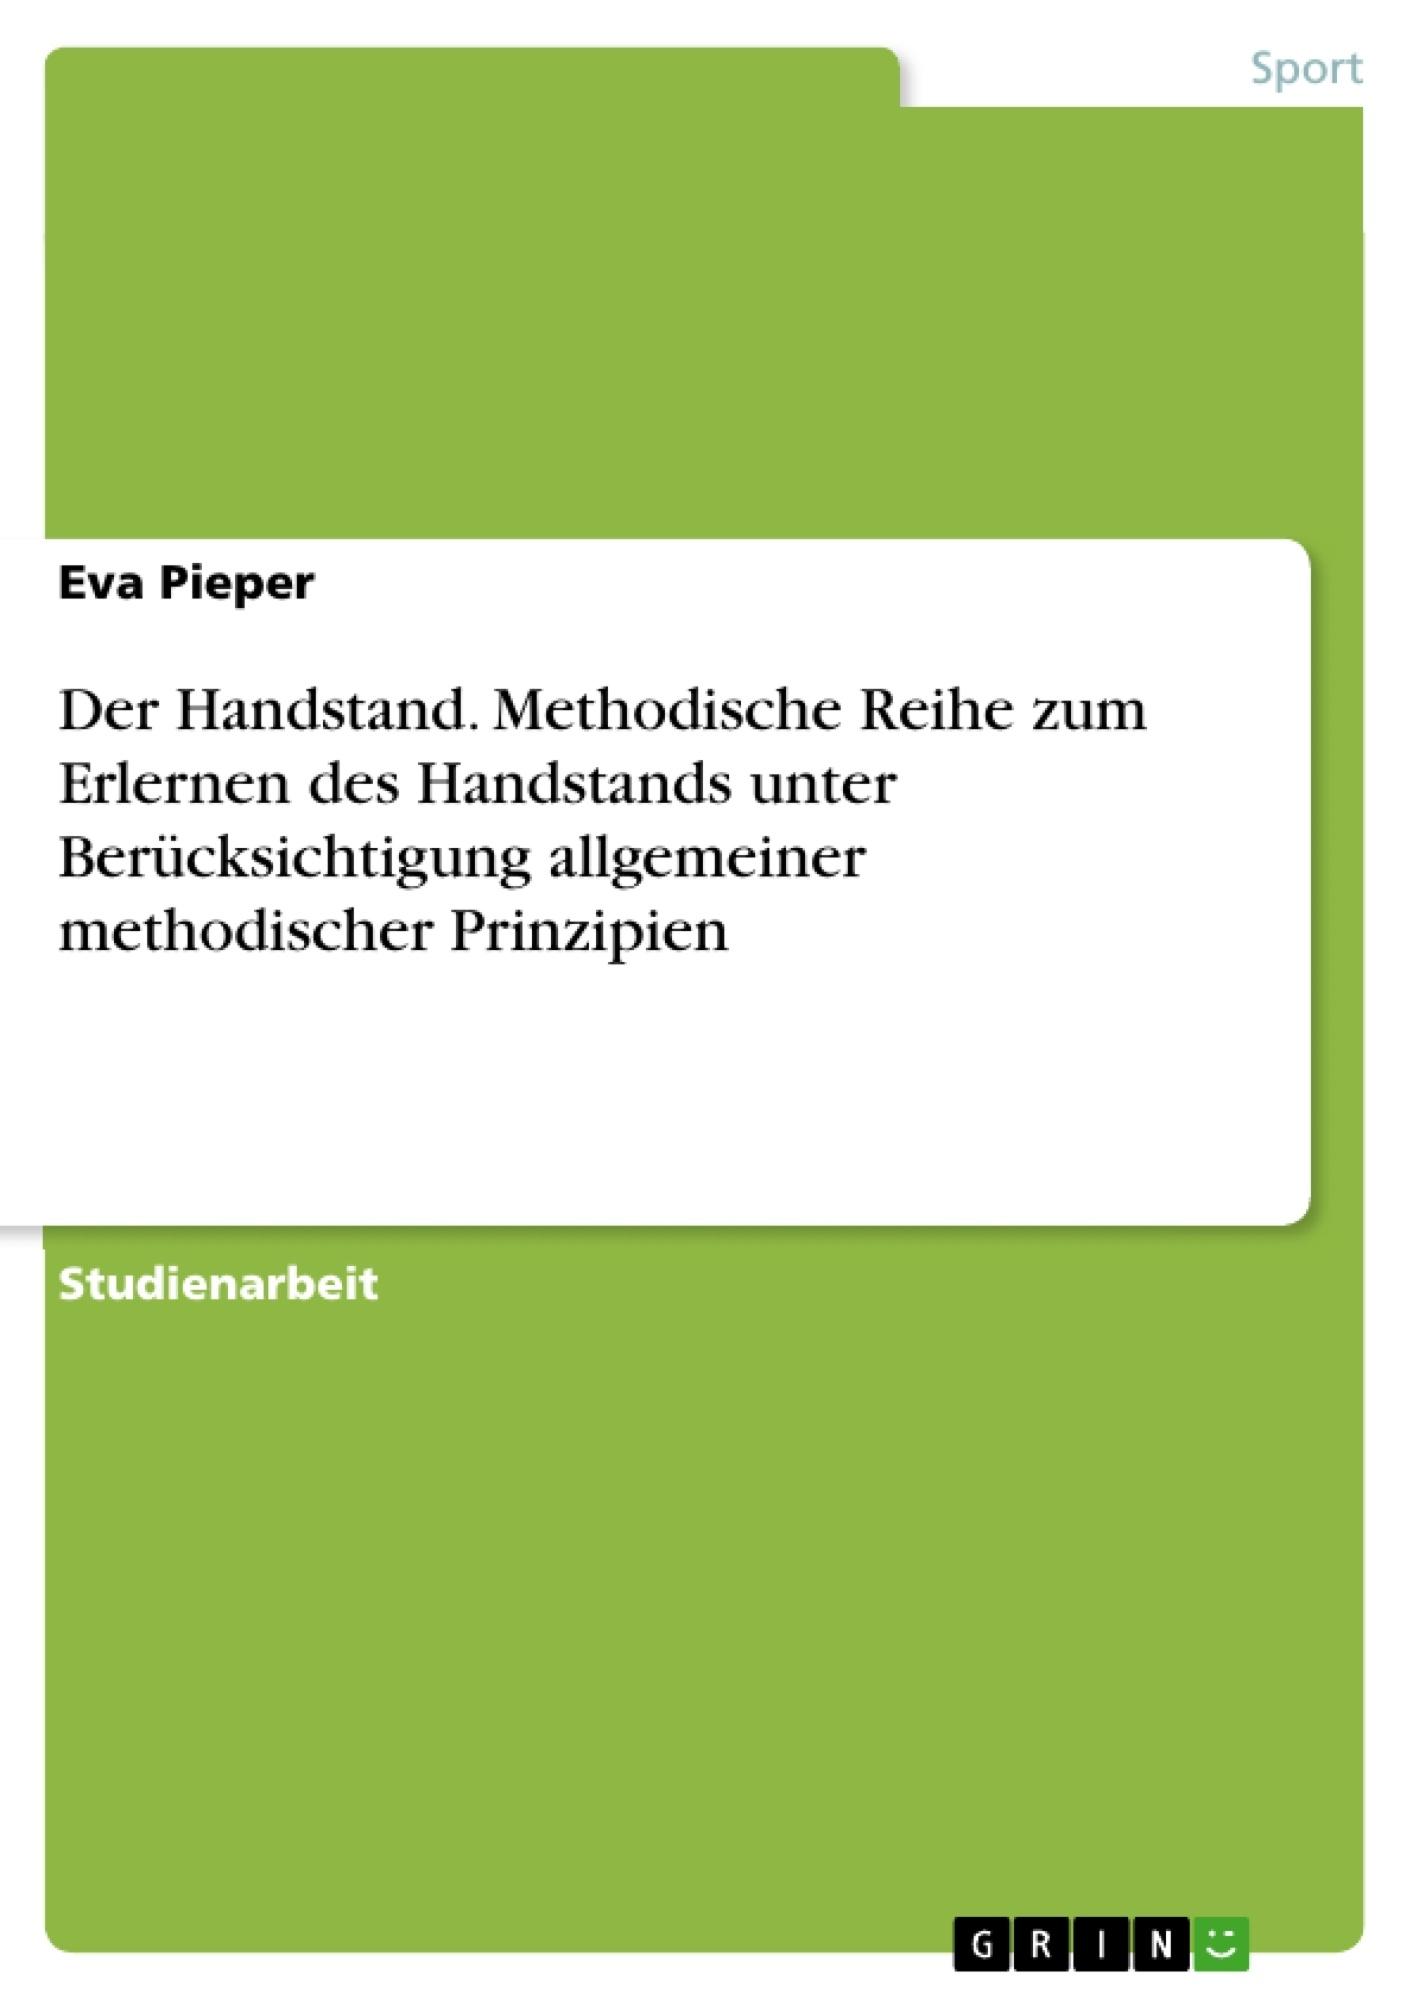 Titel: Der Handstand. Methodische Reihe zum Erlernen des Handstands unter Berücksichtigung allgemeiner methodischer Prinzipien